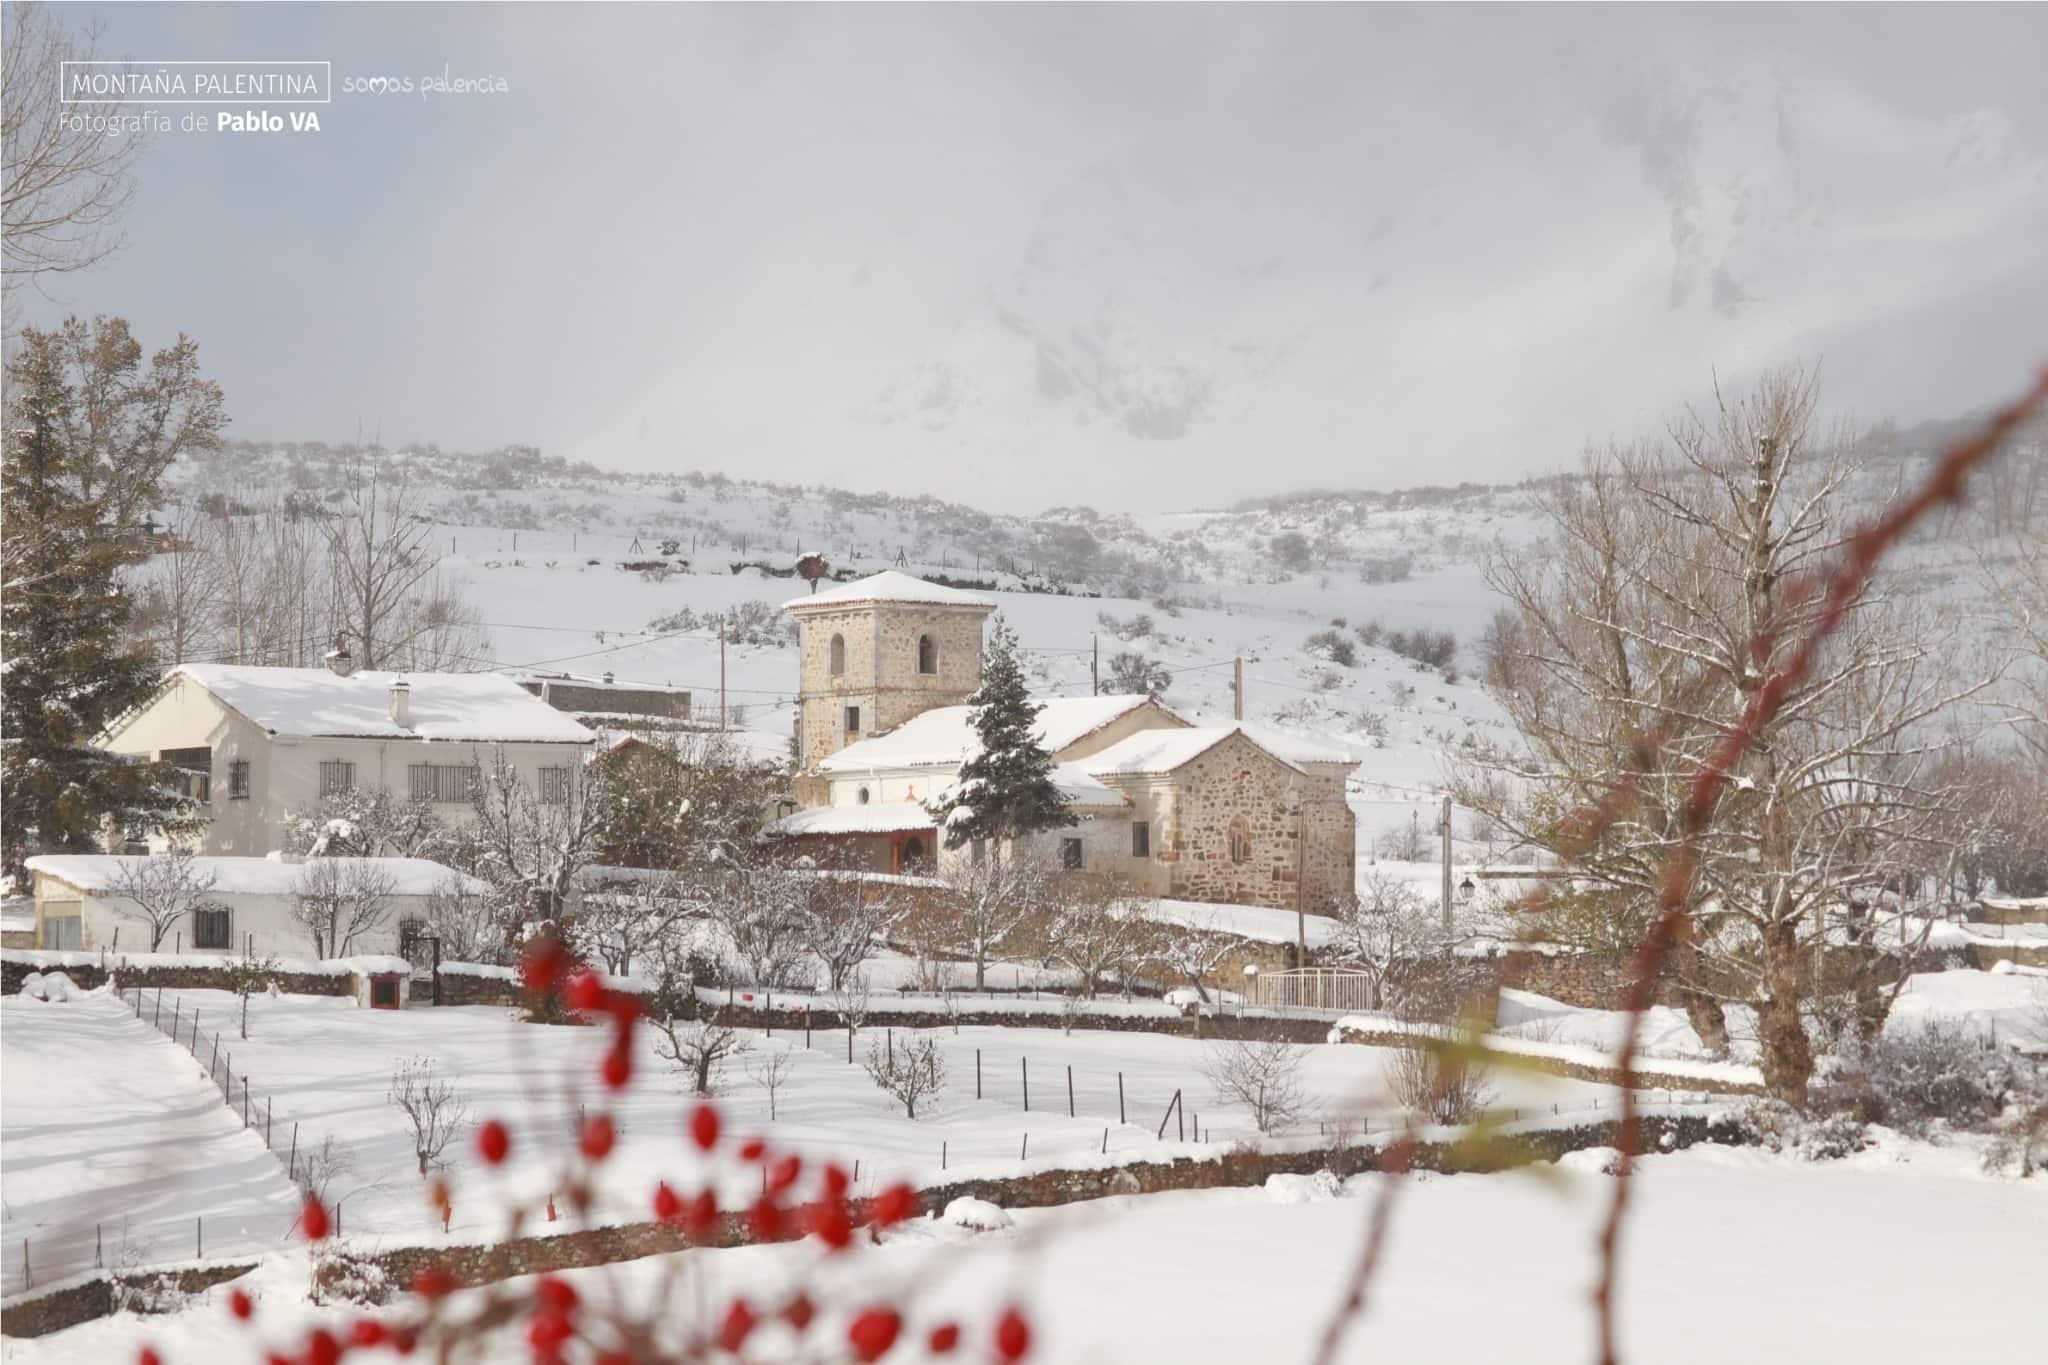 Las mejores estampas invernales de la Montaña Palentina - Alba de los Cardaños